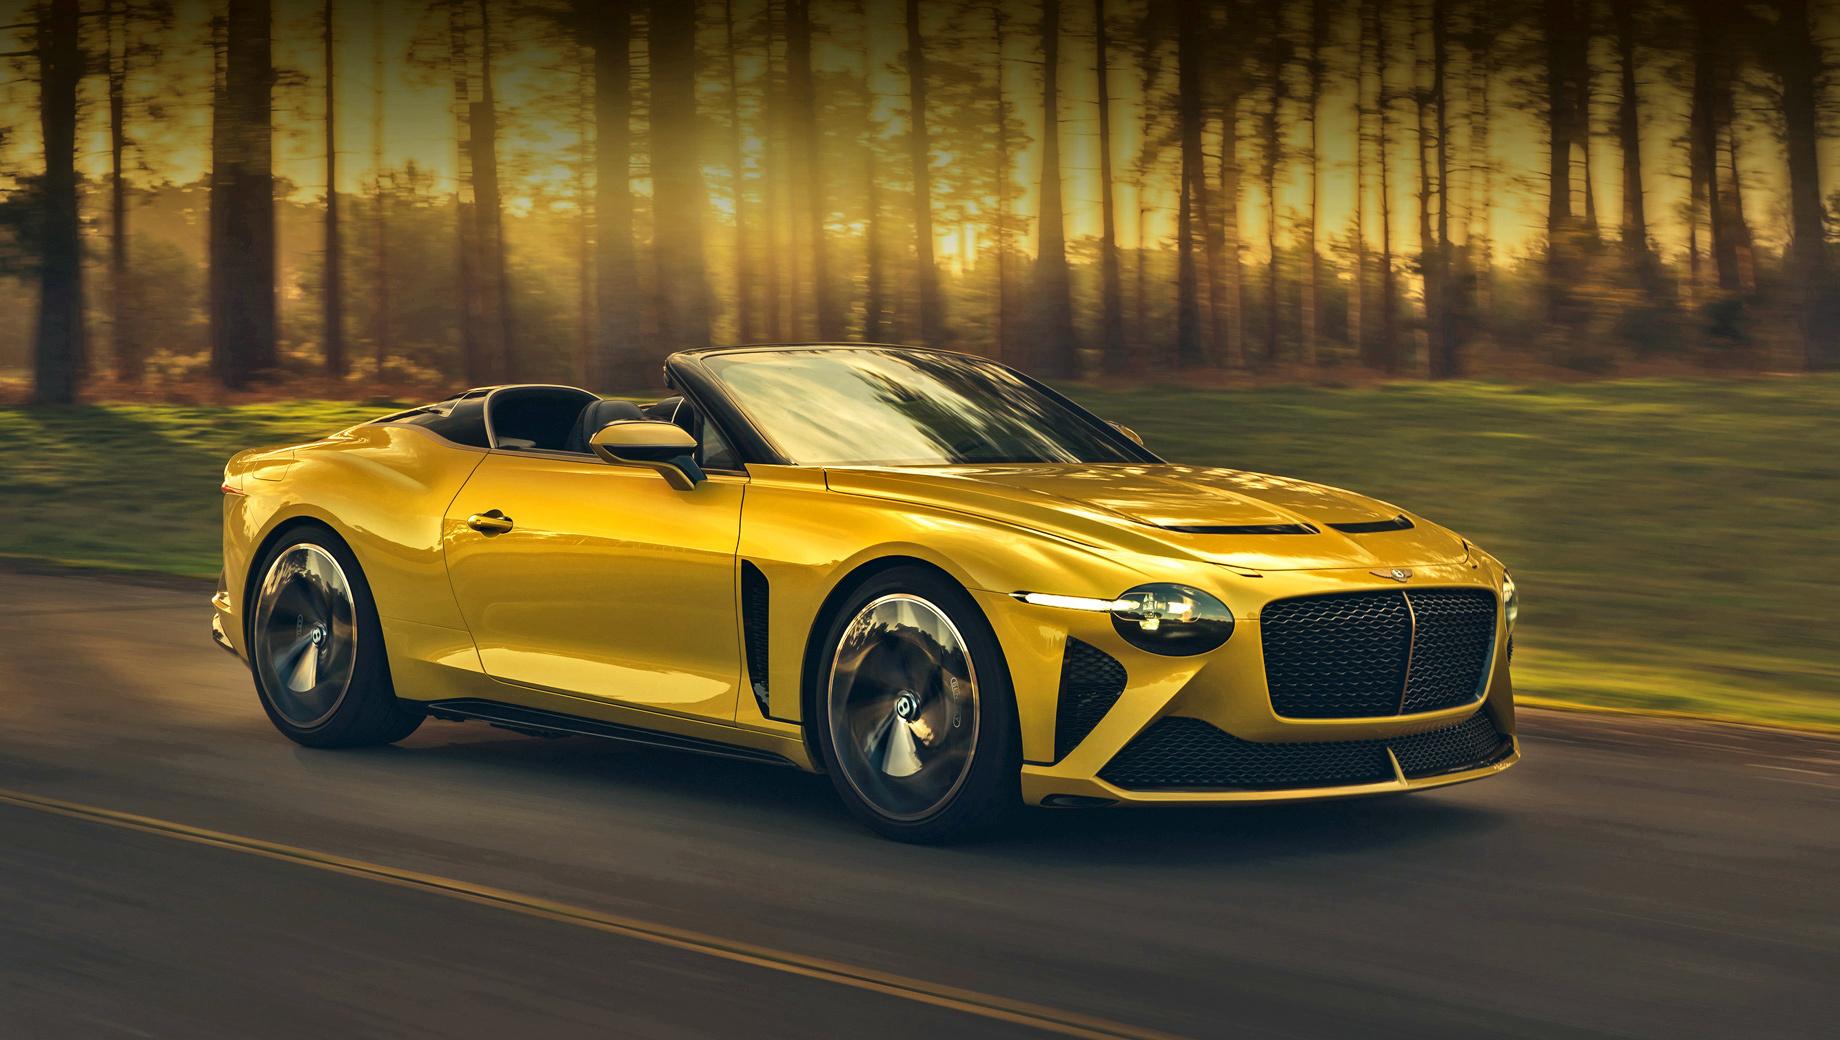 Bentley bacalar. Облик открытой модели вдохновлён концептом EXP 100 GT, как и экологические материалы, применённые в отделке.